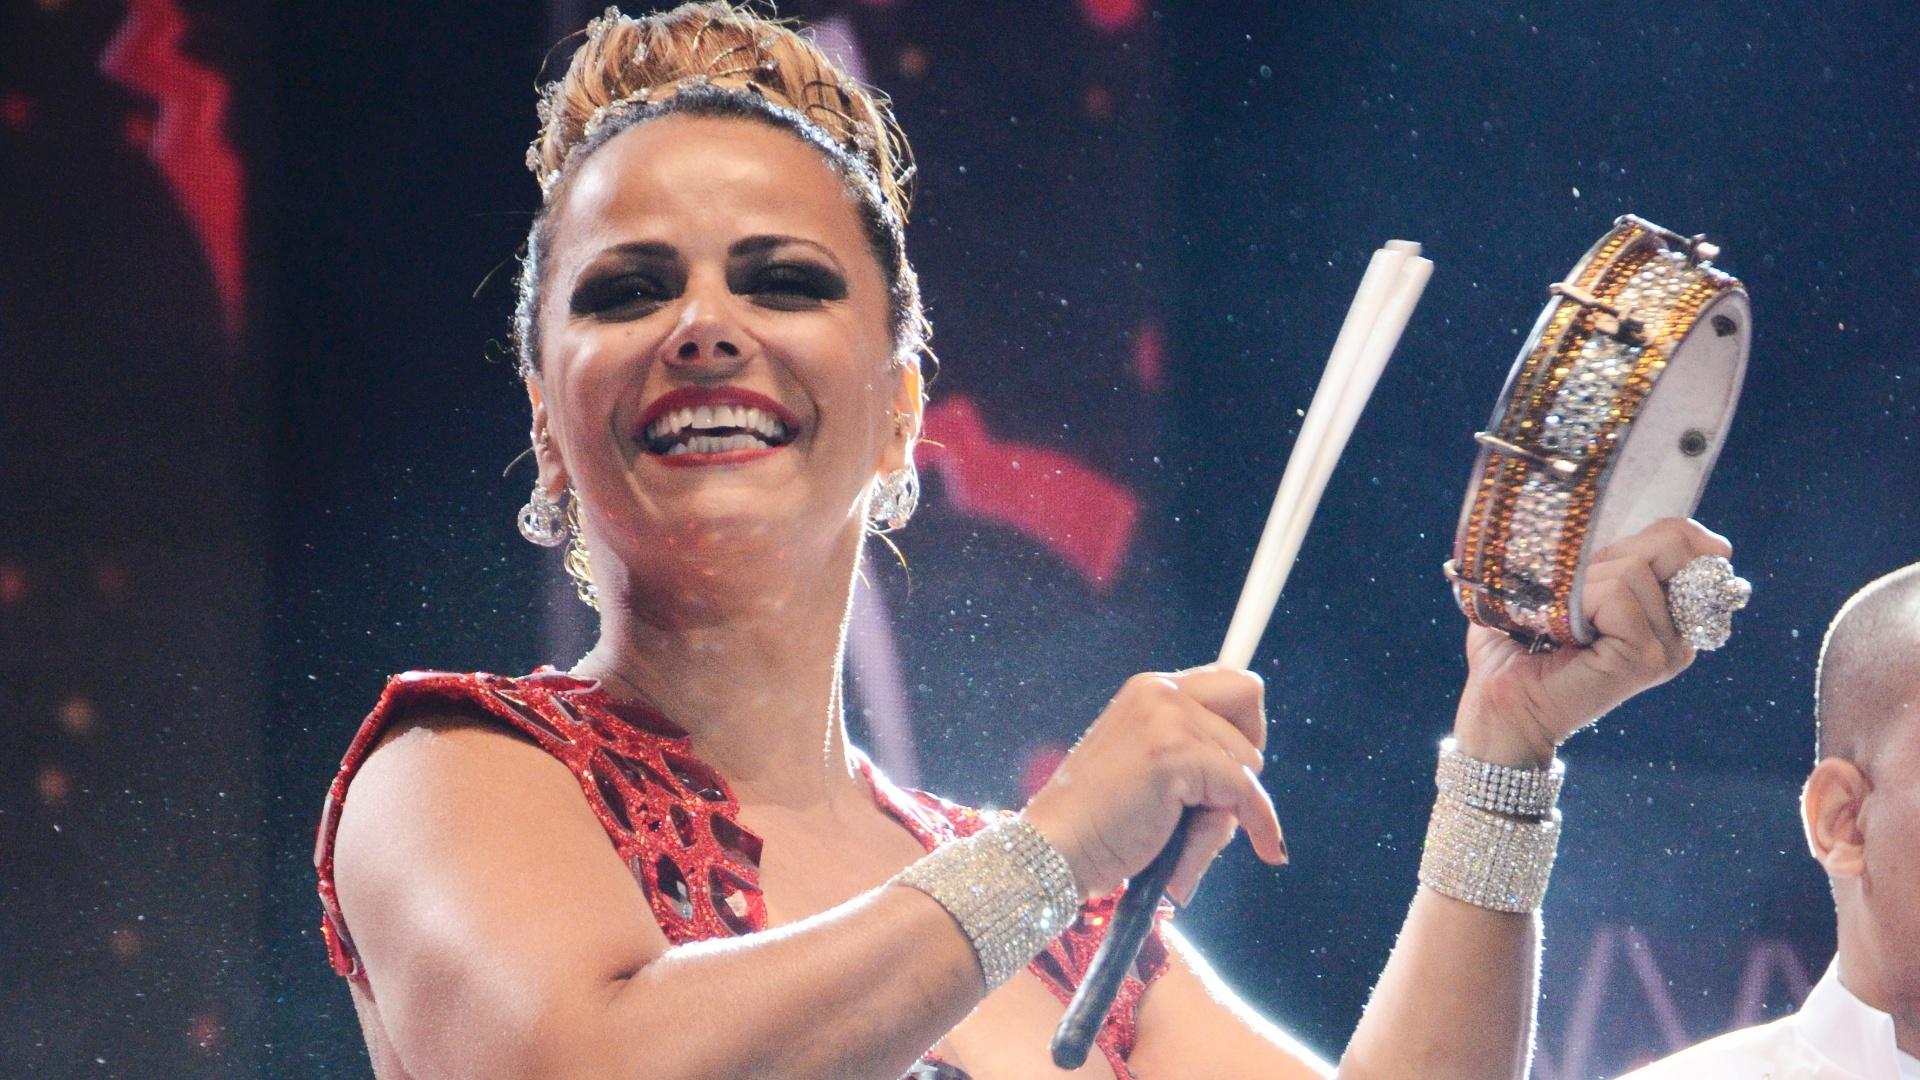 Viviane Araújo, rainha de bateria da Salgueiro, esteve presente no primeiro dia de gravações para a vinheta de Carnaval da Globo. Viviane também estará à frente da bateria da Mancha Verde, no Carnaval de São Paulo (4/12/12)